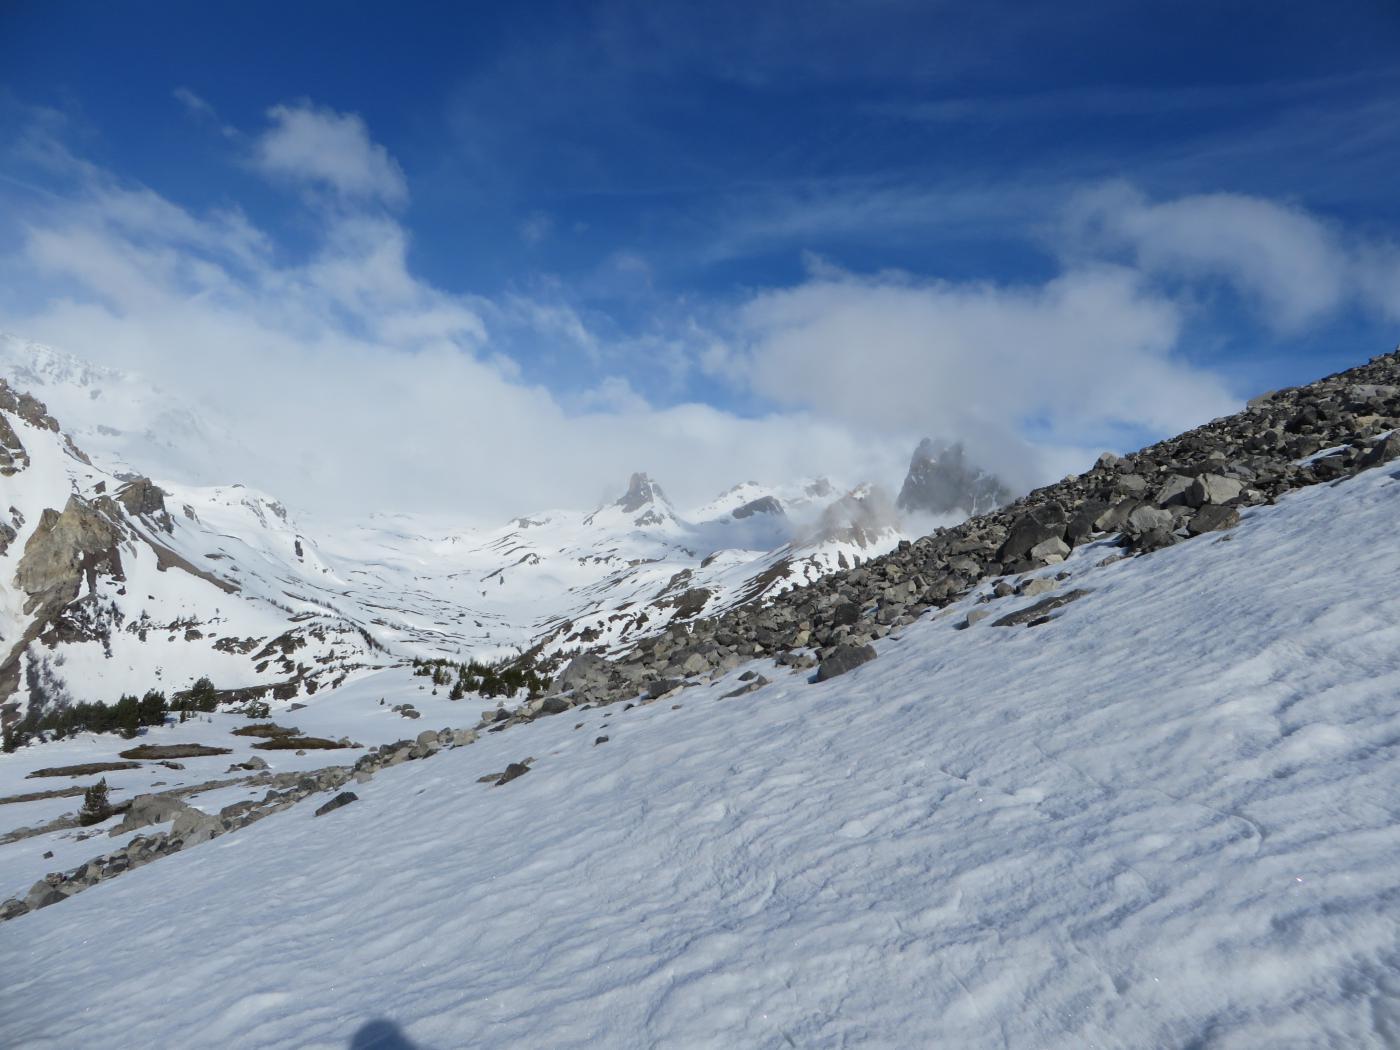 la neve è interrotta da lingue di ghiaione